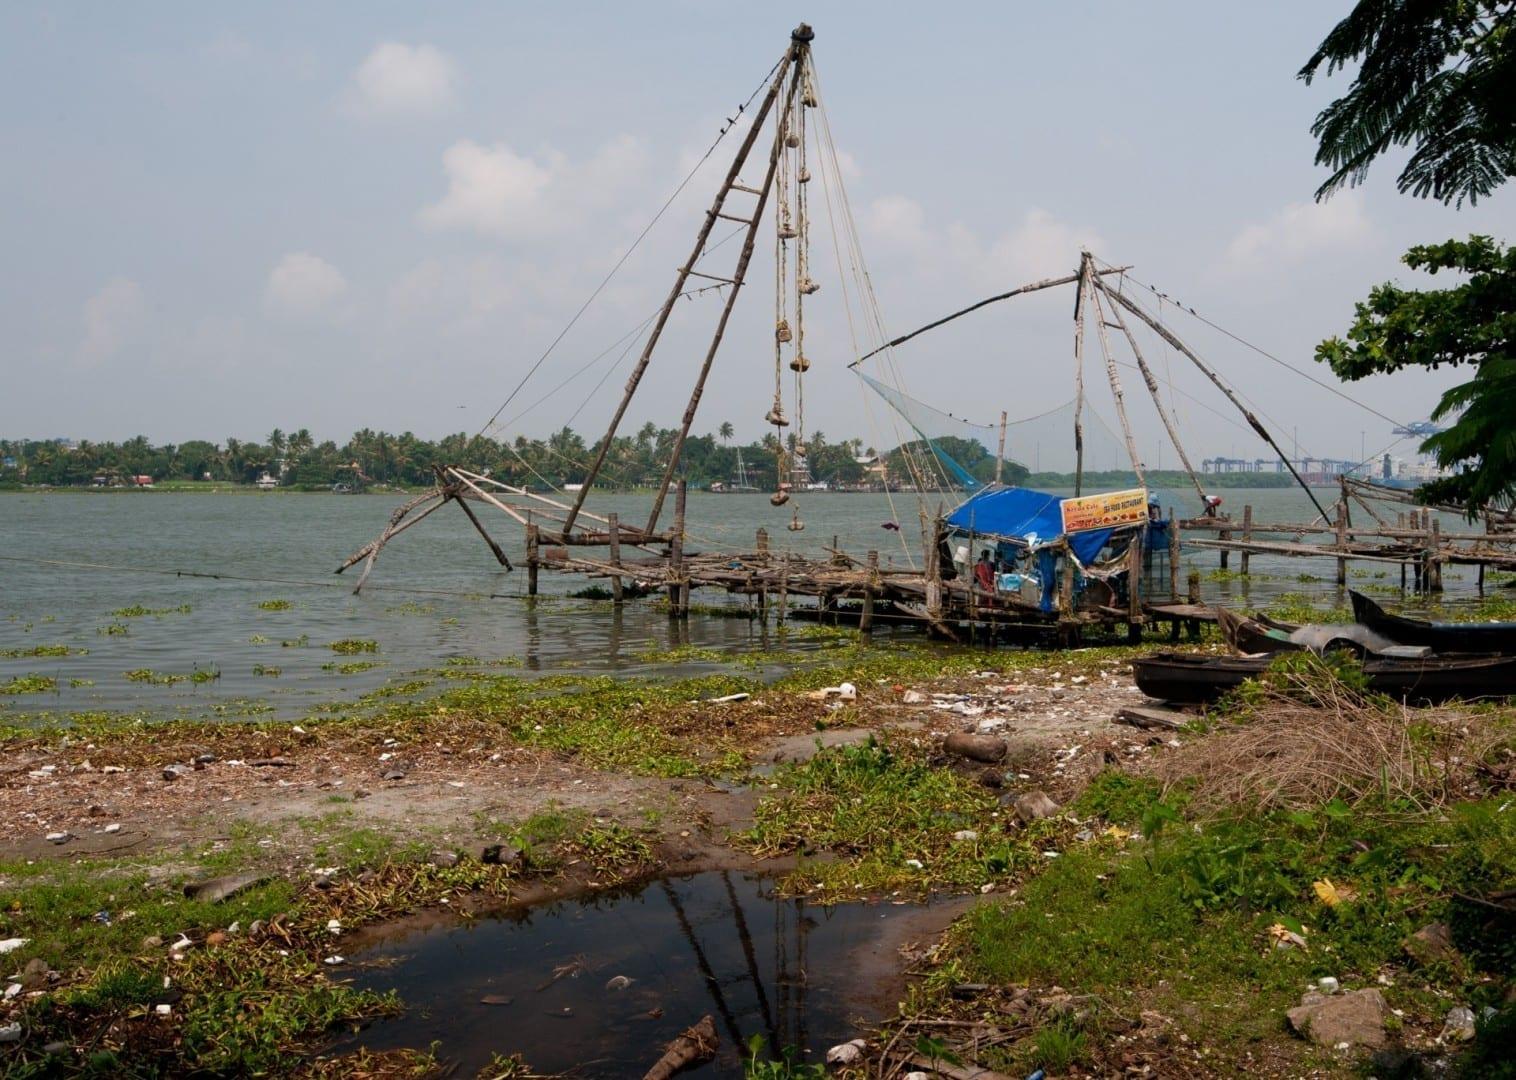 Red de pesca china en la playa del Fuerte Kochi Cochín India